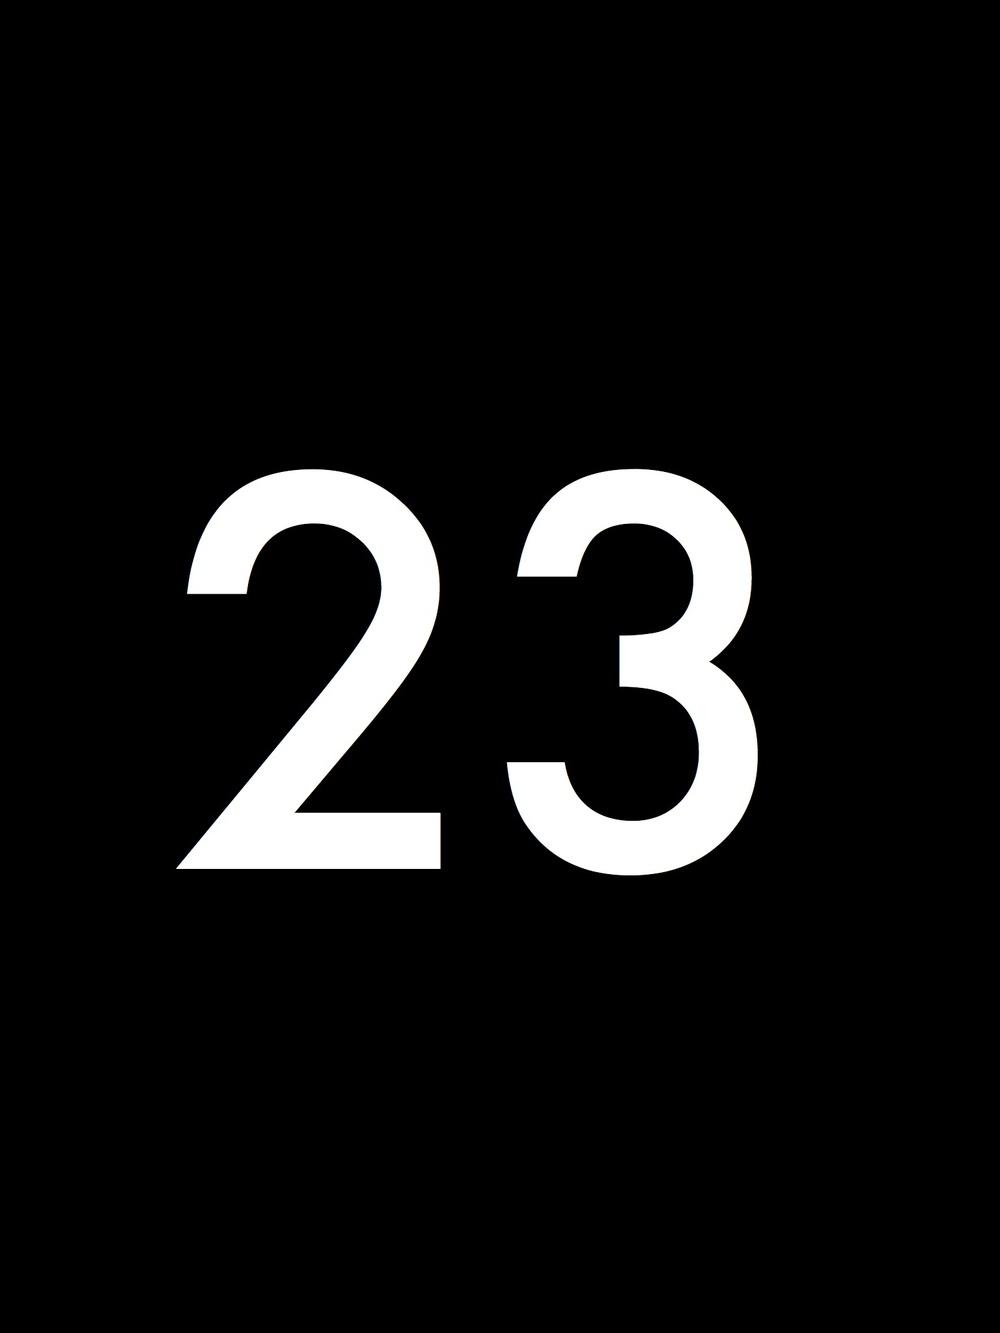 Black_Number.023.jpg